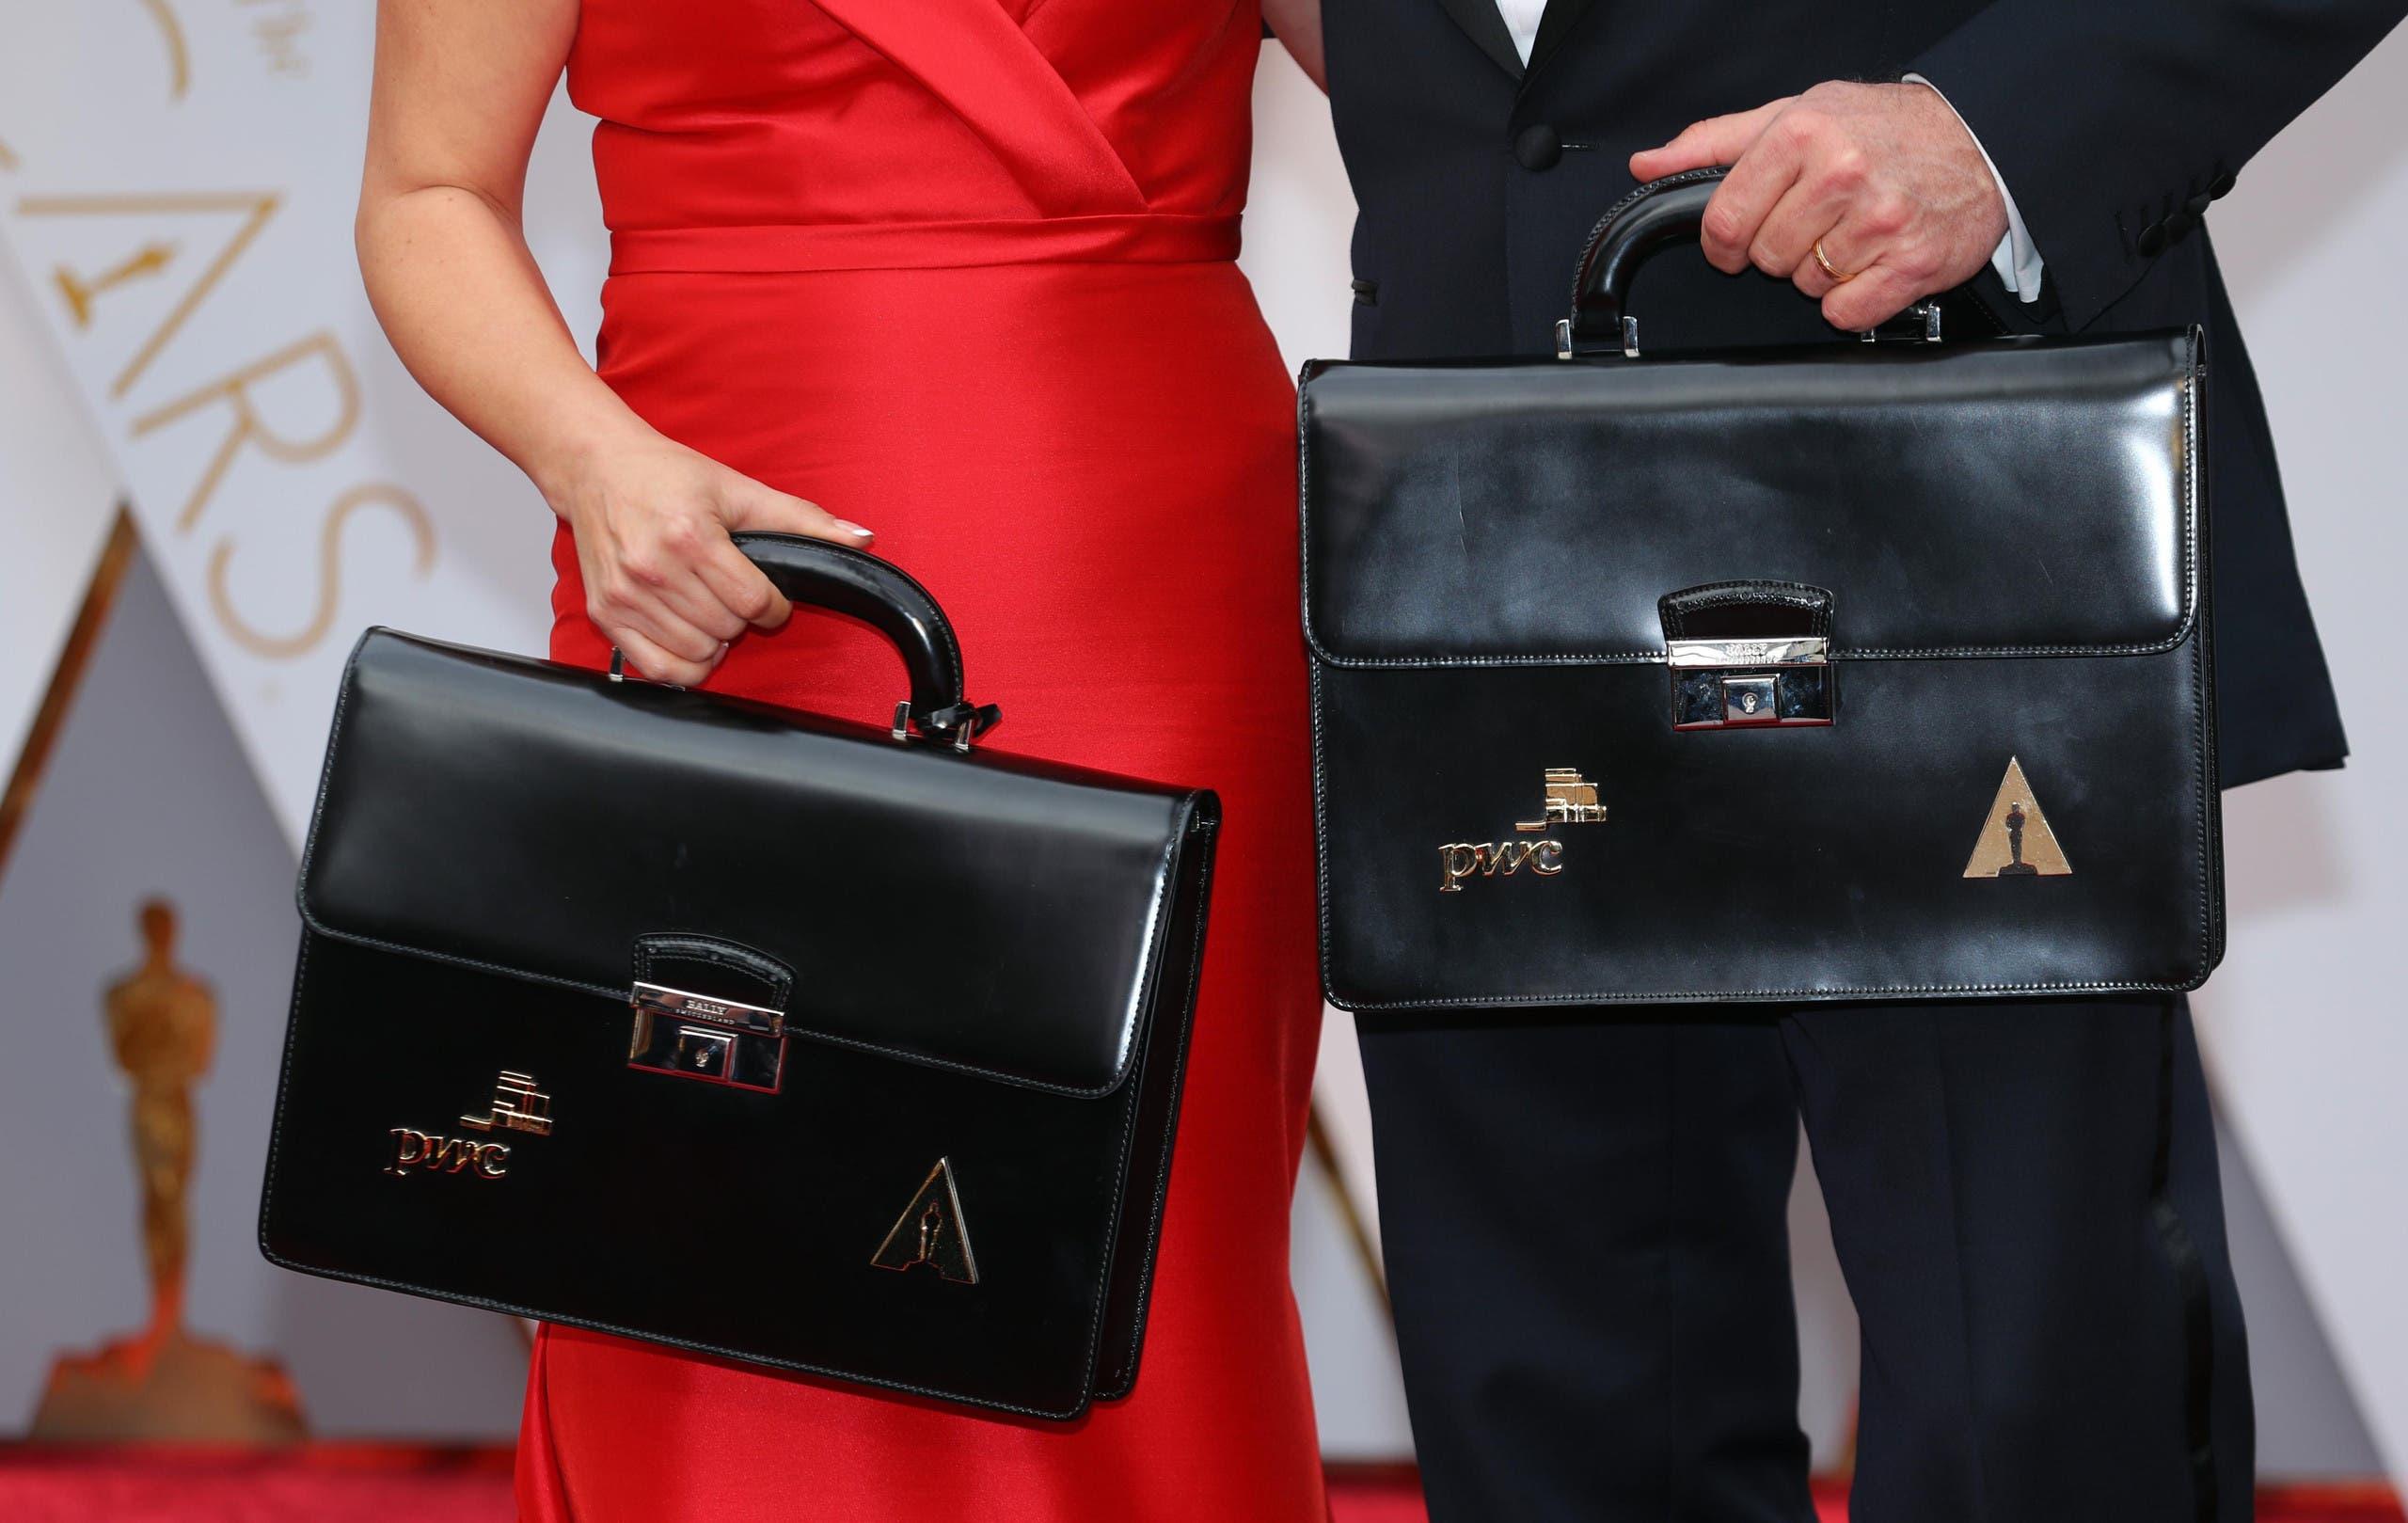 المحاسبان براين كولينان ومارثا رويز على السجادة الحمراء قبل الحفل ومعهما الحقيبة التي تحتوي على أسماء الفائزين